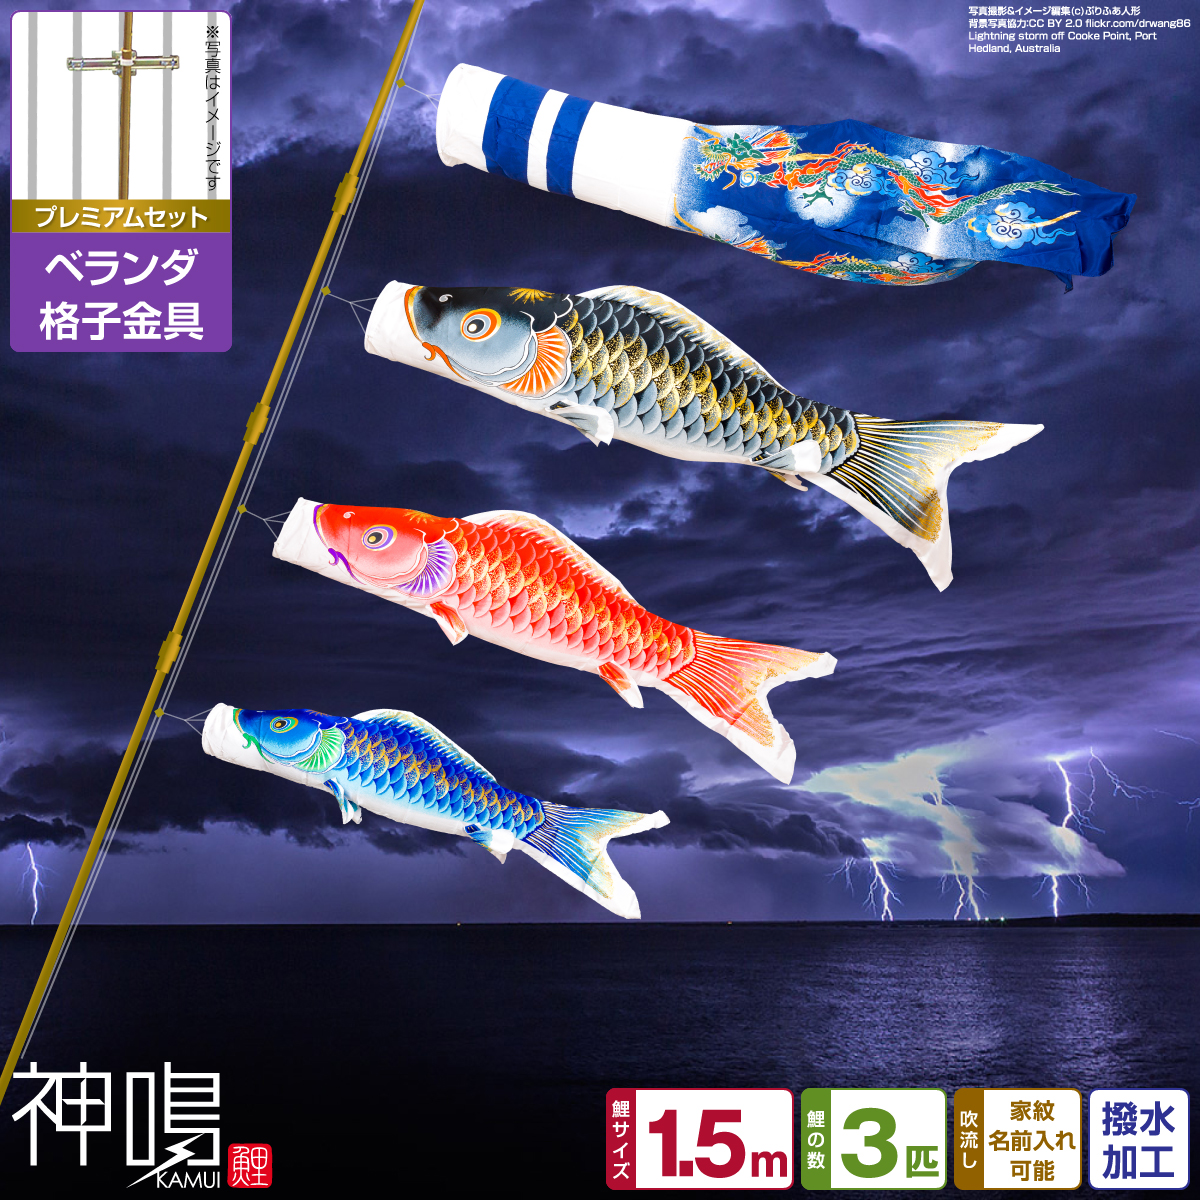 ベランダ用 鯉のぼり 神鳴鯉-KAMUI- 1.5m 6点(吹流し+鯉3匹+矢車+ロープ)/プレミアムセット(格子金具)